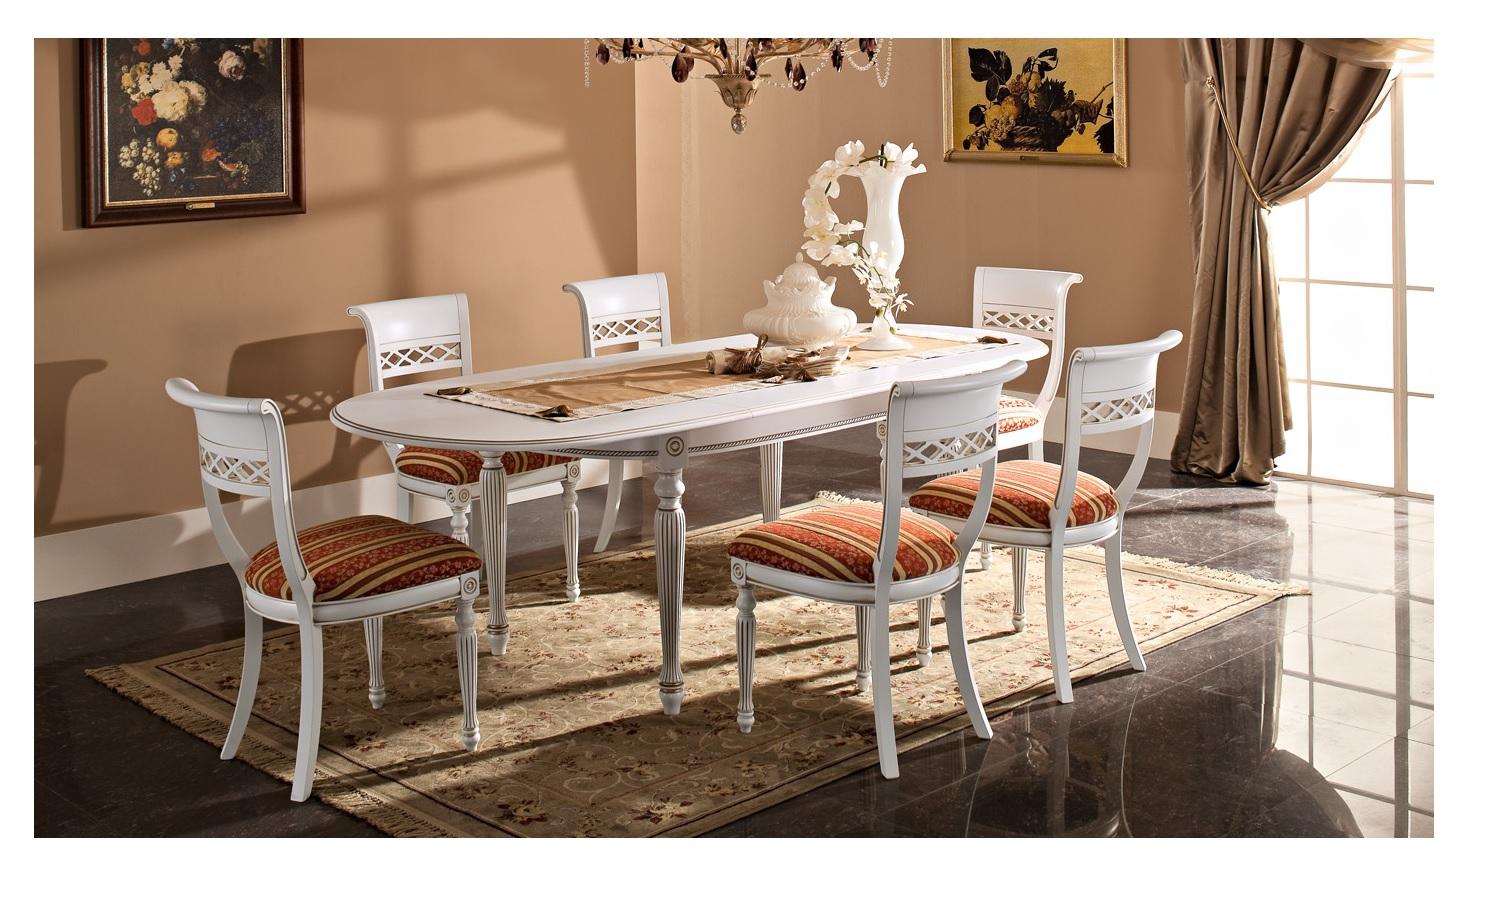 красивые столы и стулья фото наводке наших односельчан